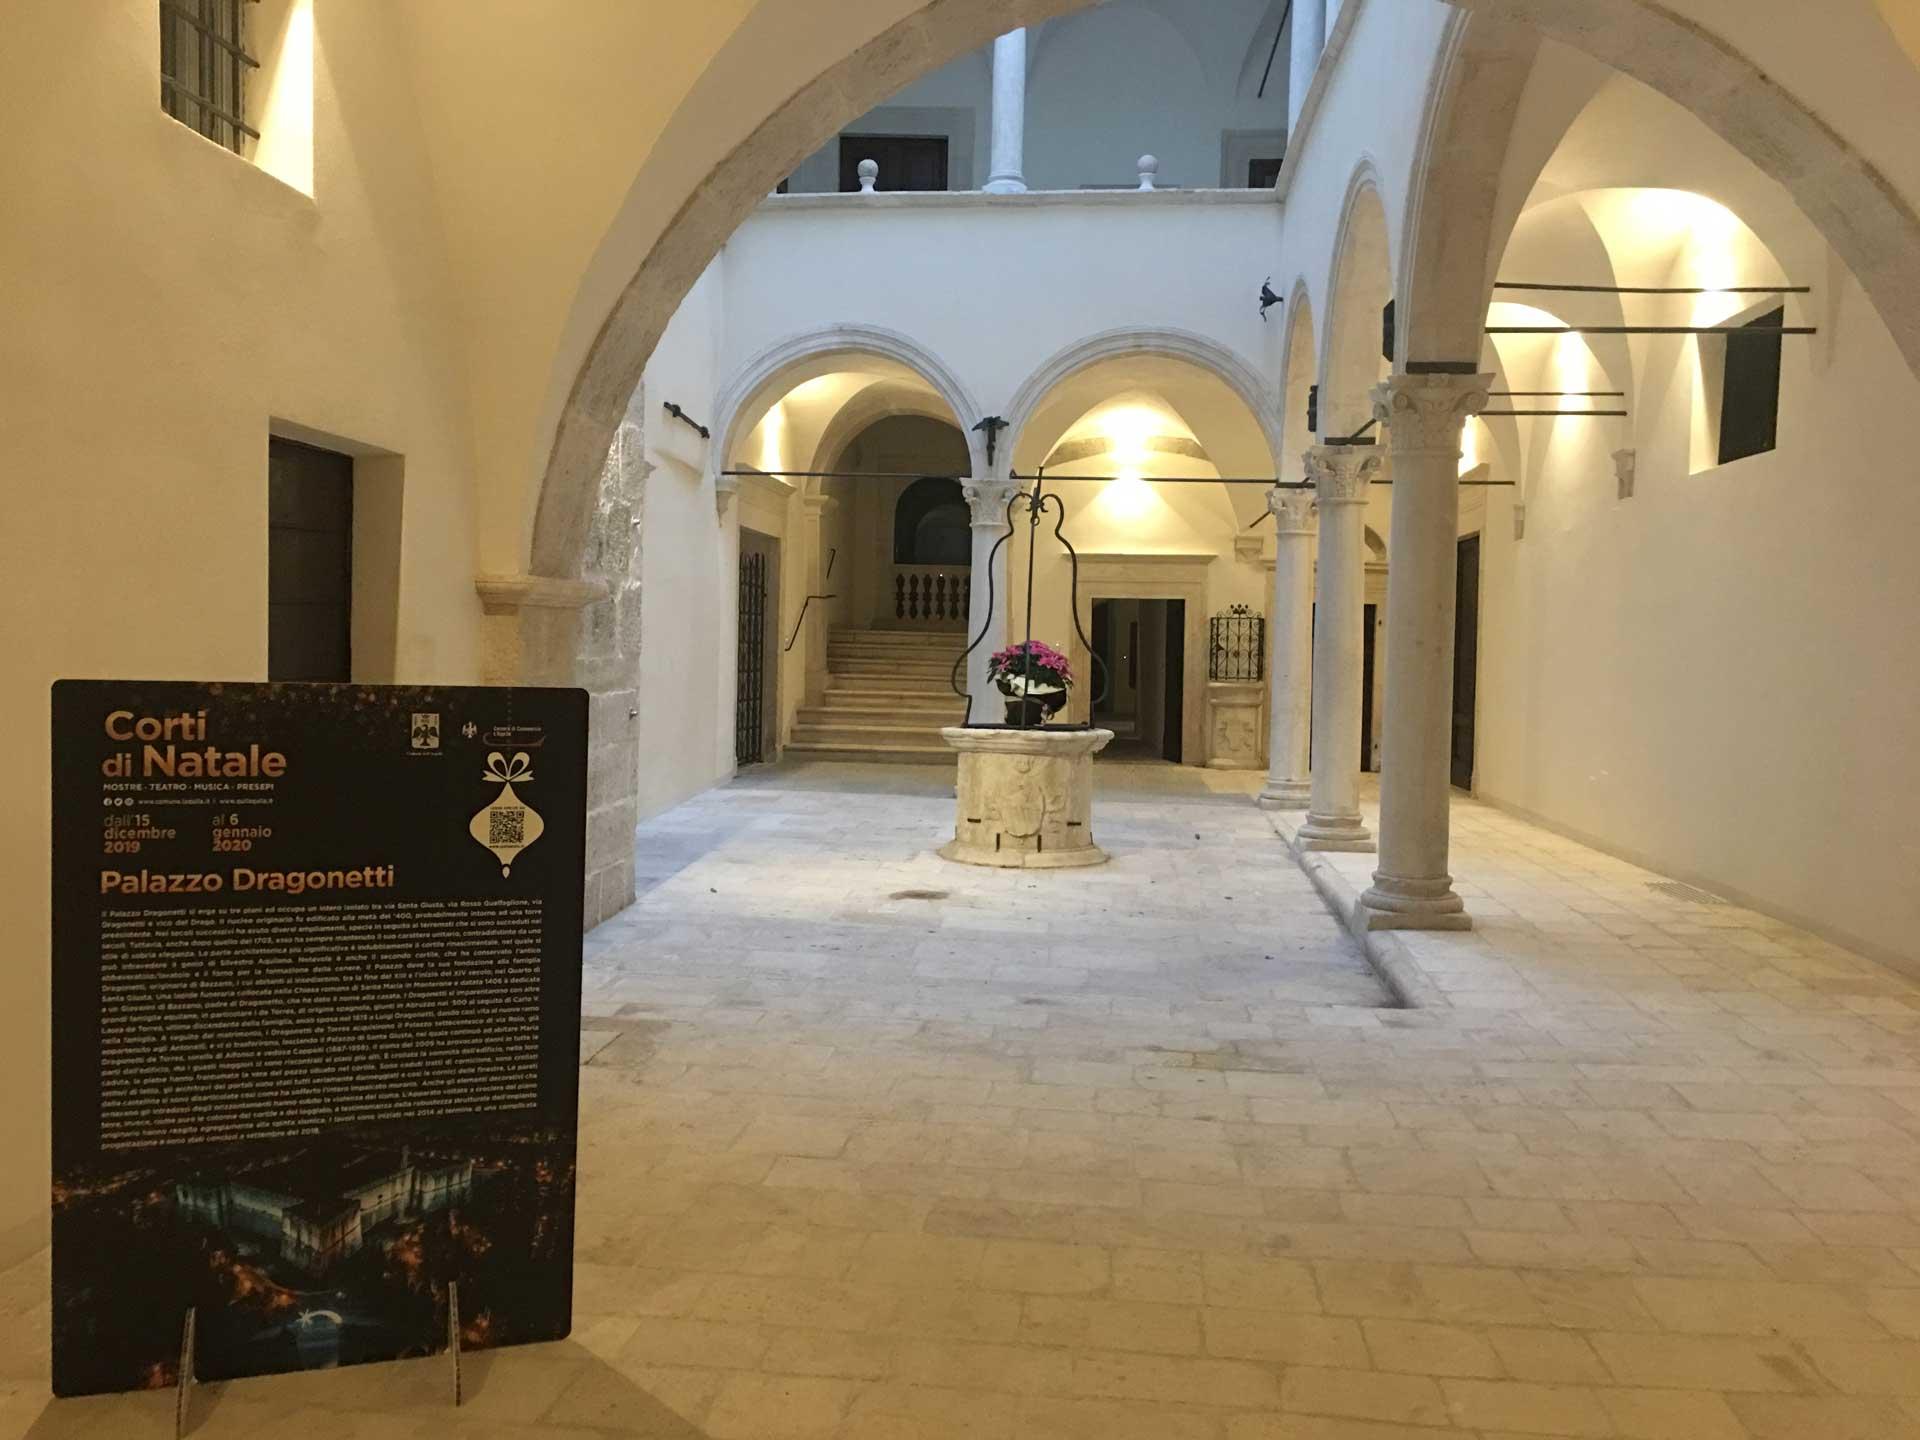 Palazzo Dragonetti